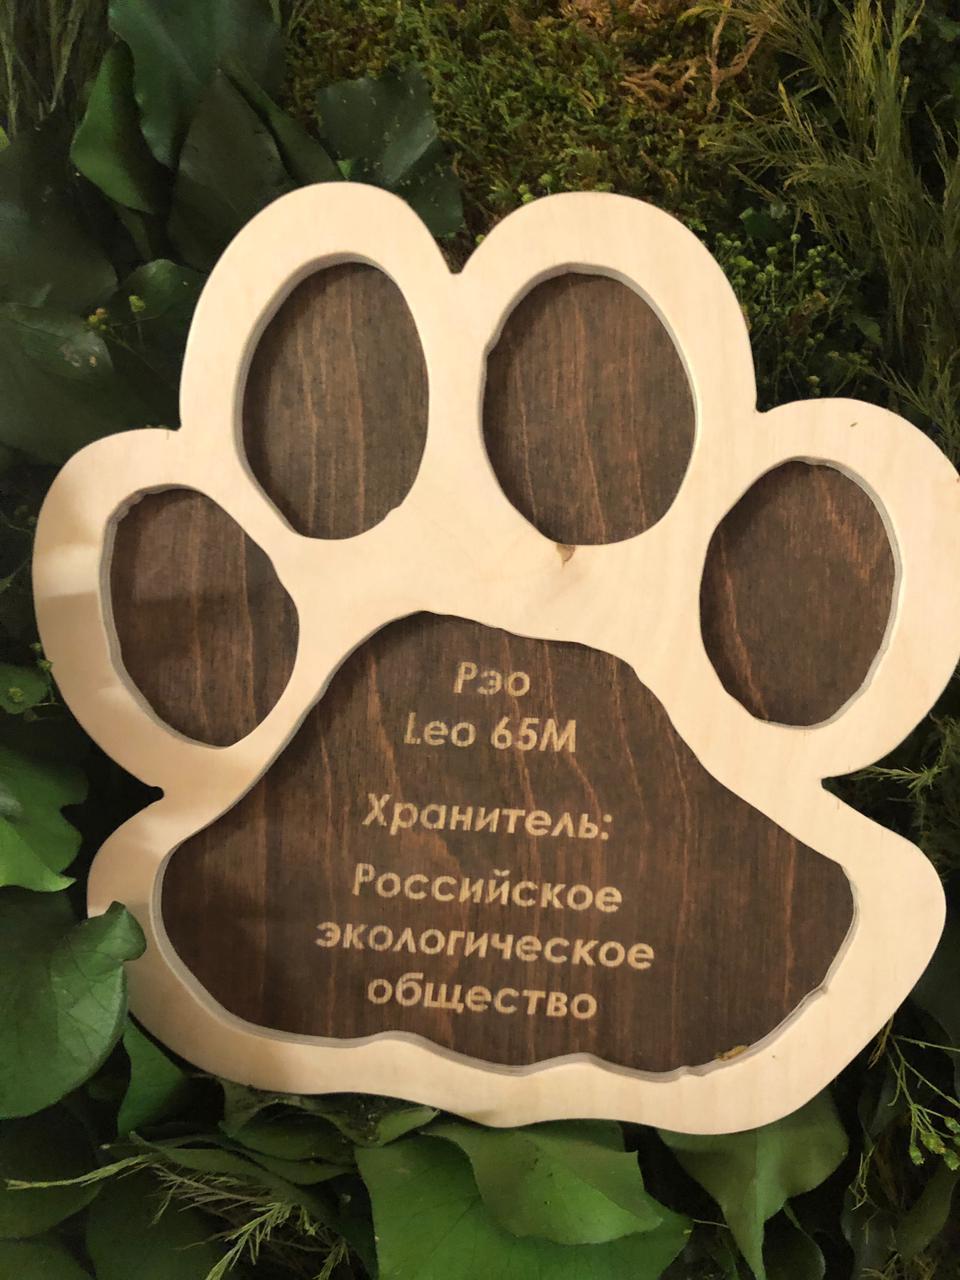 Российское экологическое общество стало Хранителем Леопарда по имени Рэо